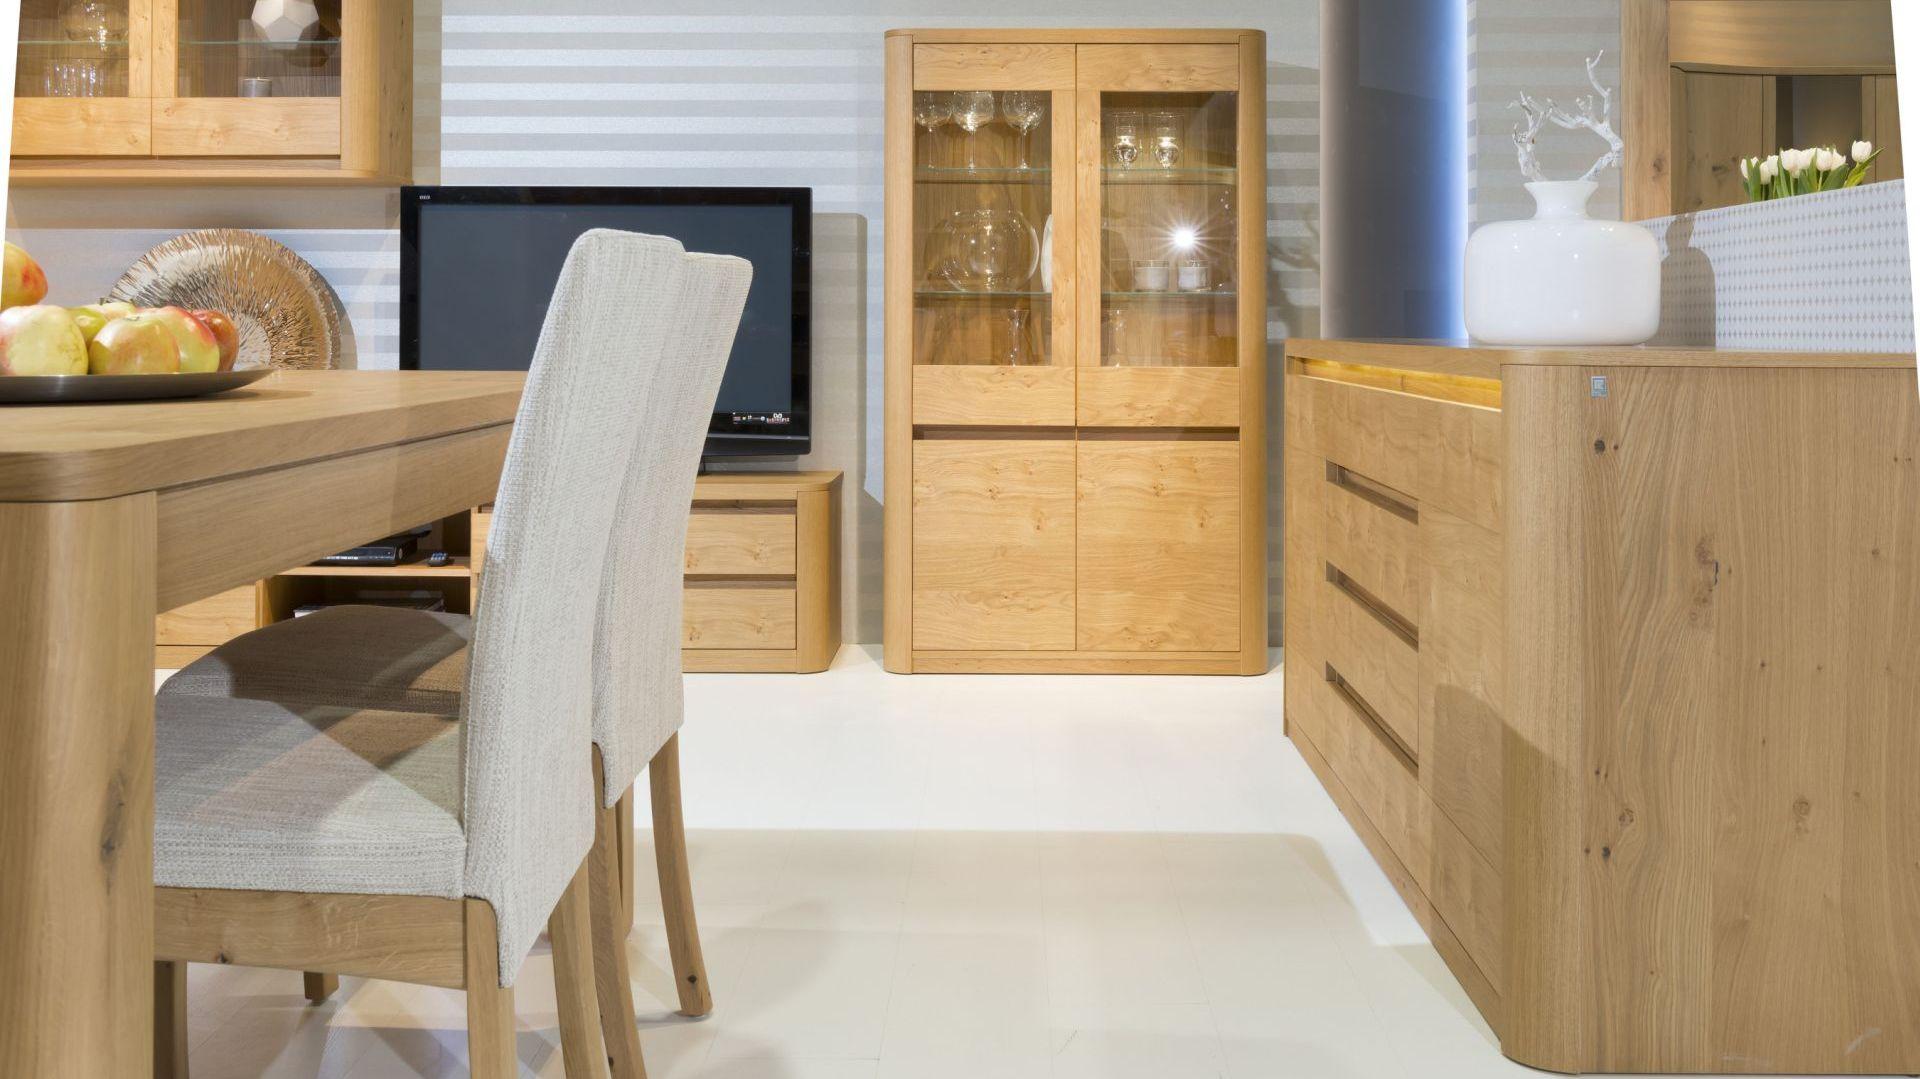 Kolekcja Olimp zachwyci każdego miłośnika naturalnego drewna. Widoczna struktura i piękne słoje urozmaicą salon w bardzo elegancki sposób. Fot. Klose